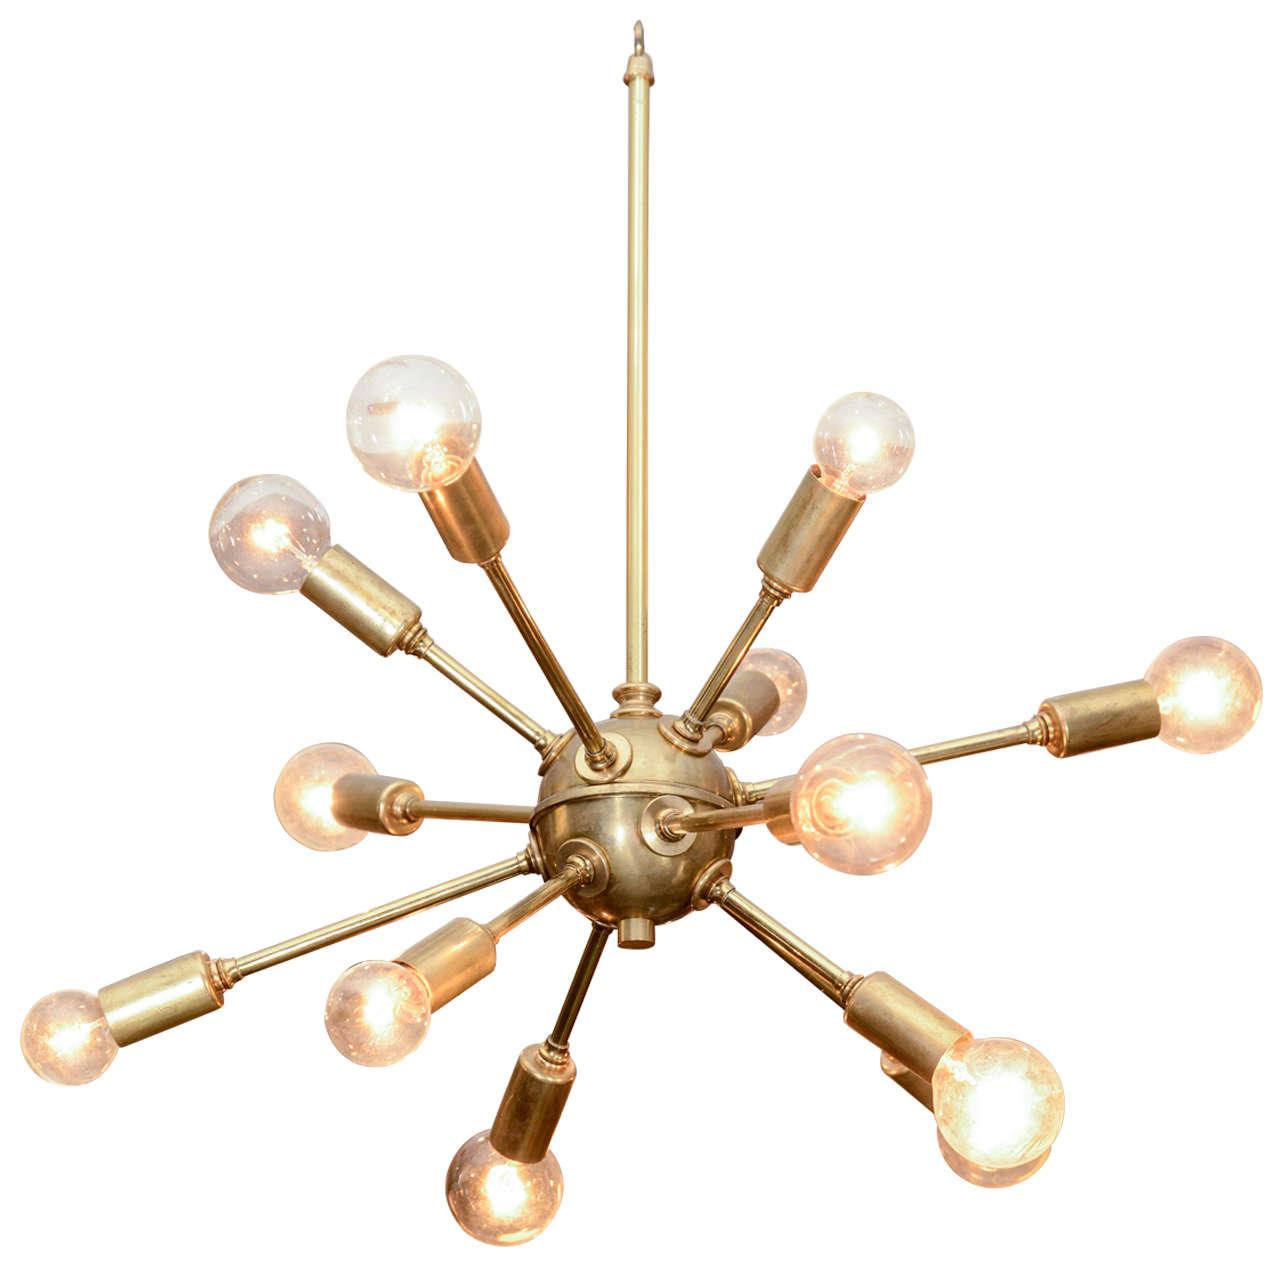 Vintage Sputnik Brass Light Fixture At 1stdibs